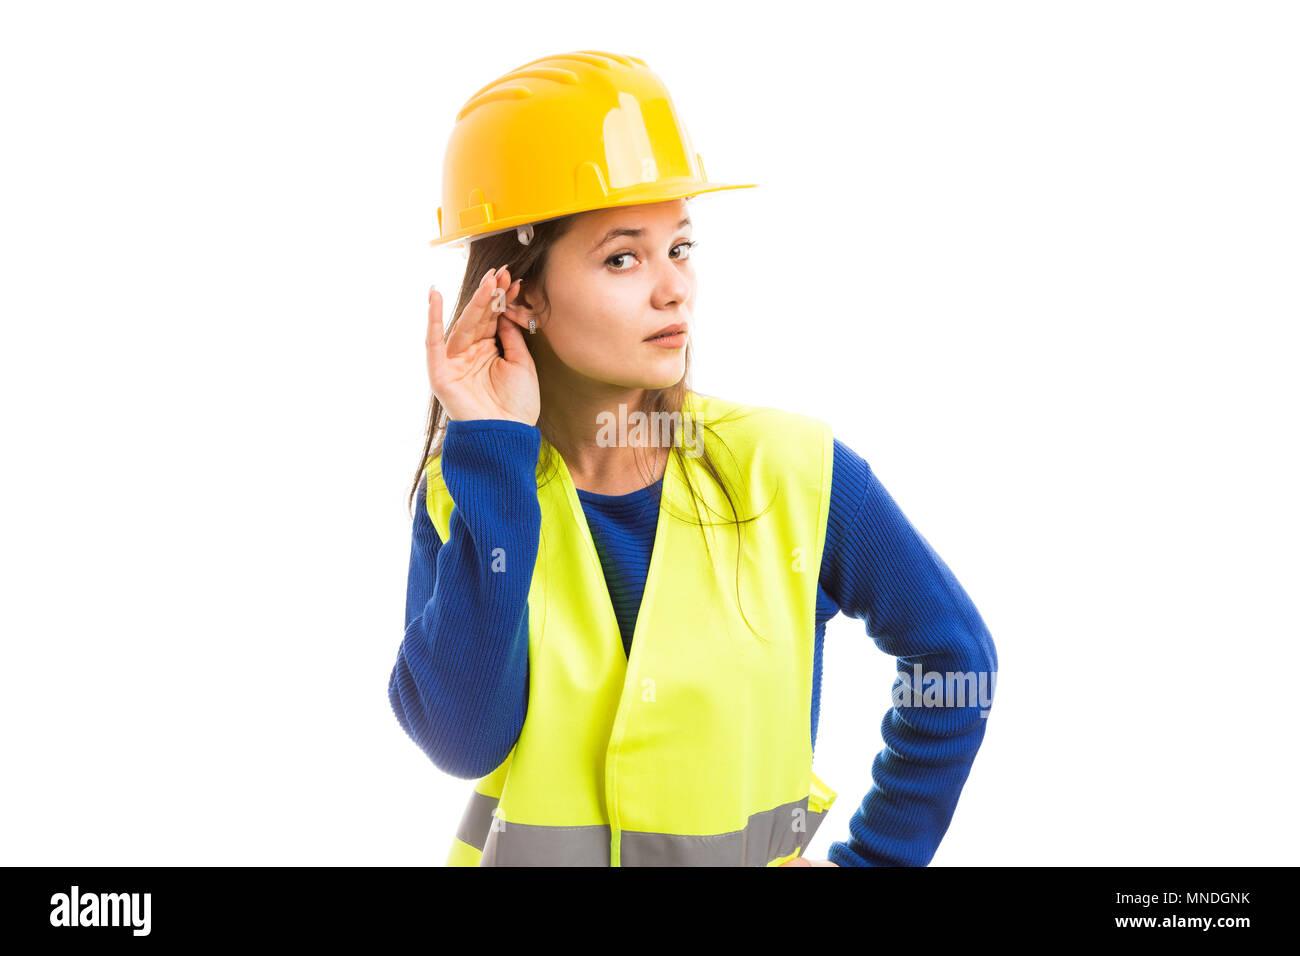 Joven ingeniero atractivo femenino haciendo oír gesto tocando su oreja como prestando atención a los chismes concepto aislado sobre fondo blanco. Imagen De Stock